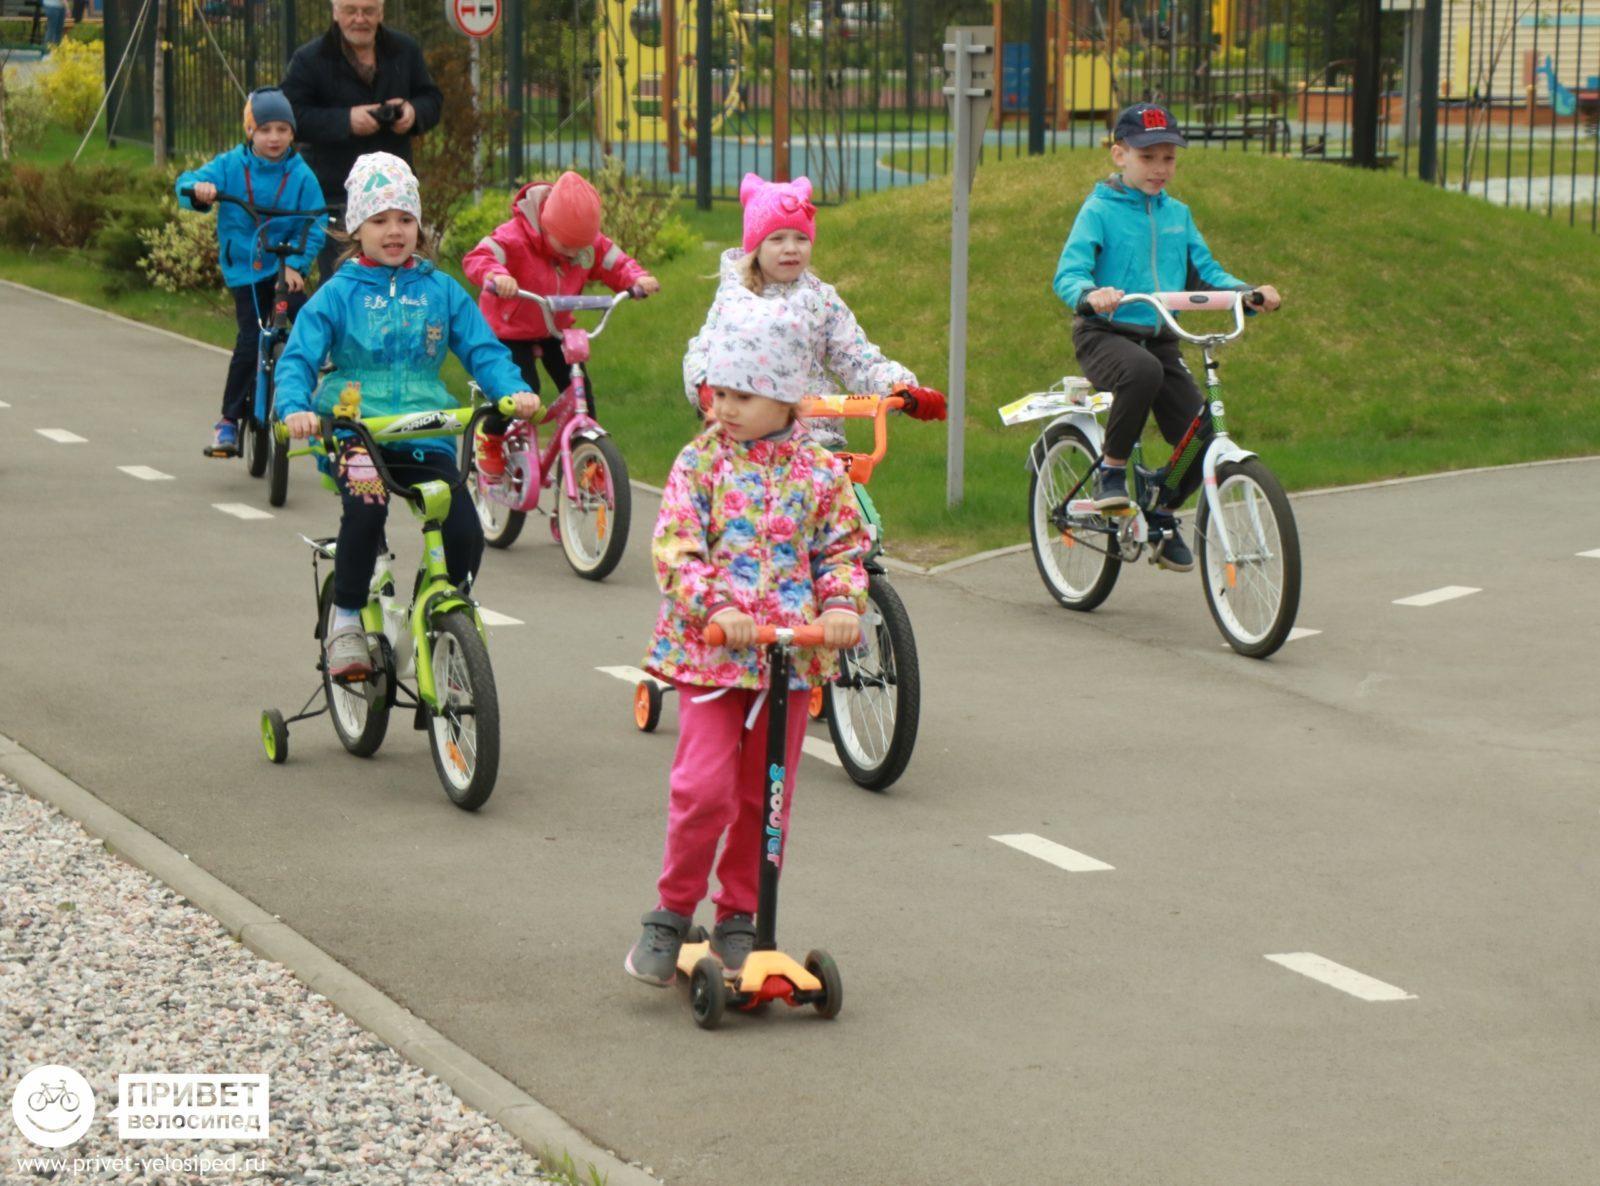 Километры бега, уроки по безопасному веловождению и 300 порций мороженого! О том, как прошли наши спортивные выходные